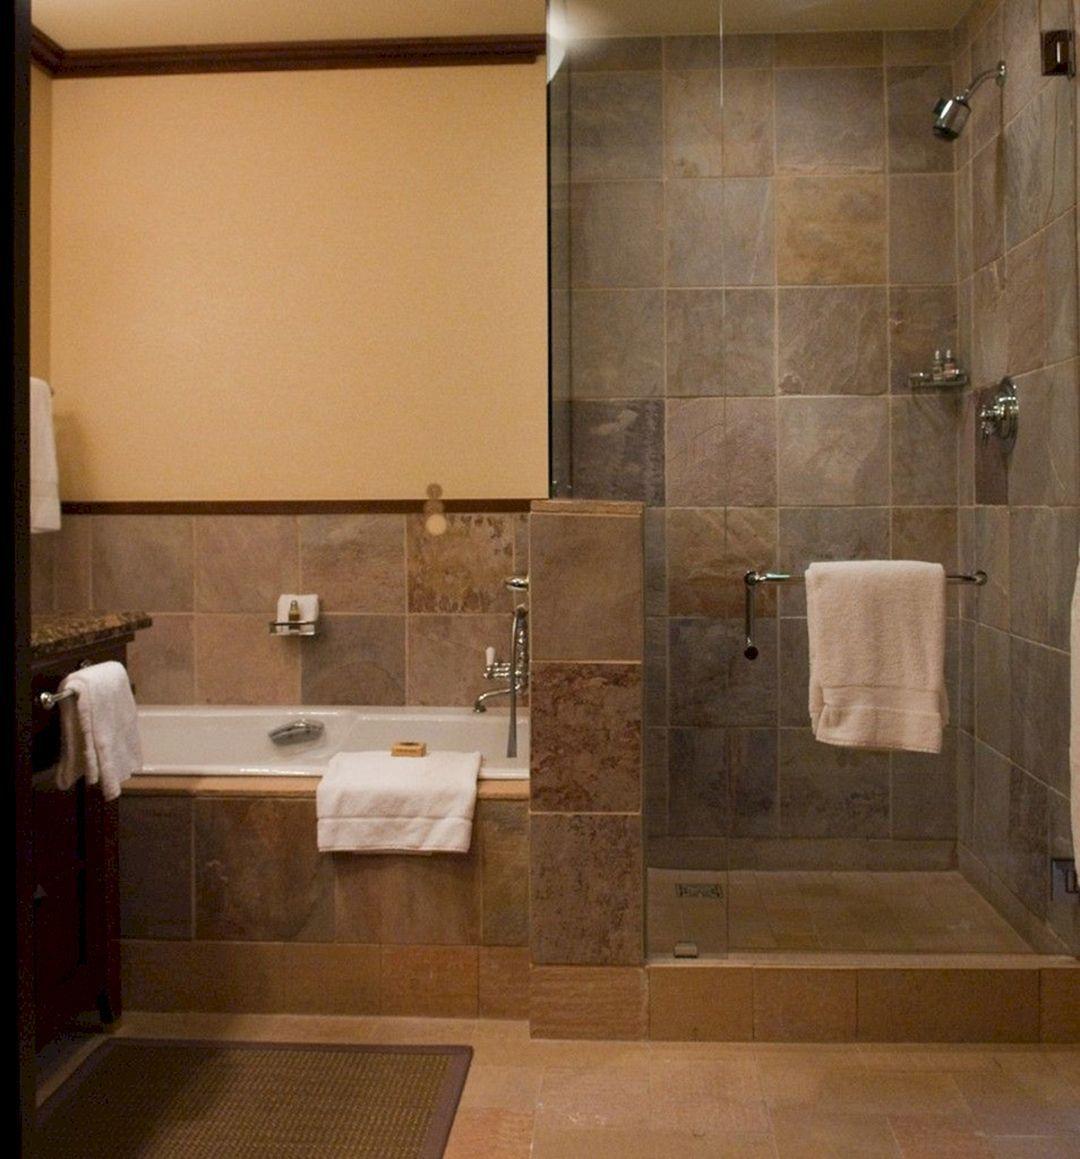 Adorable 25 Small Bathroom Shower Doorless Design Ideas Freshouz